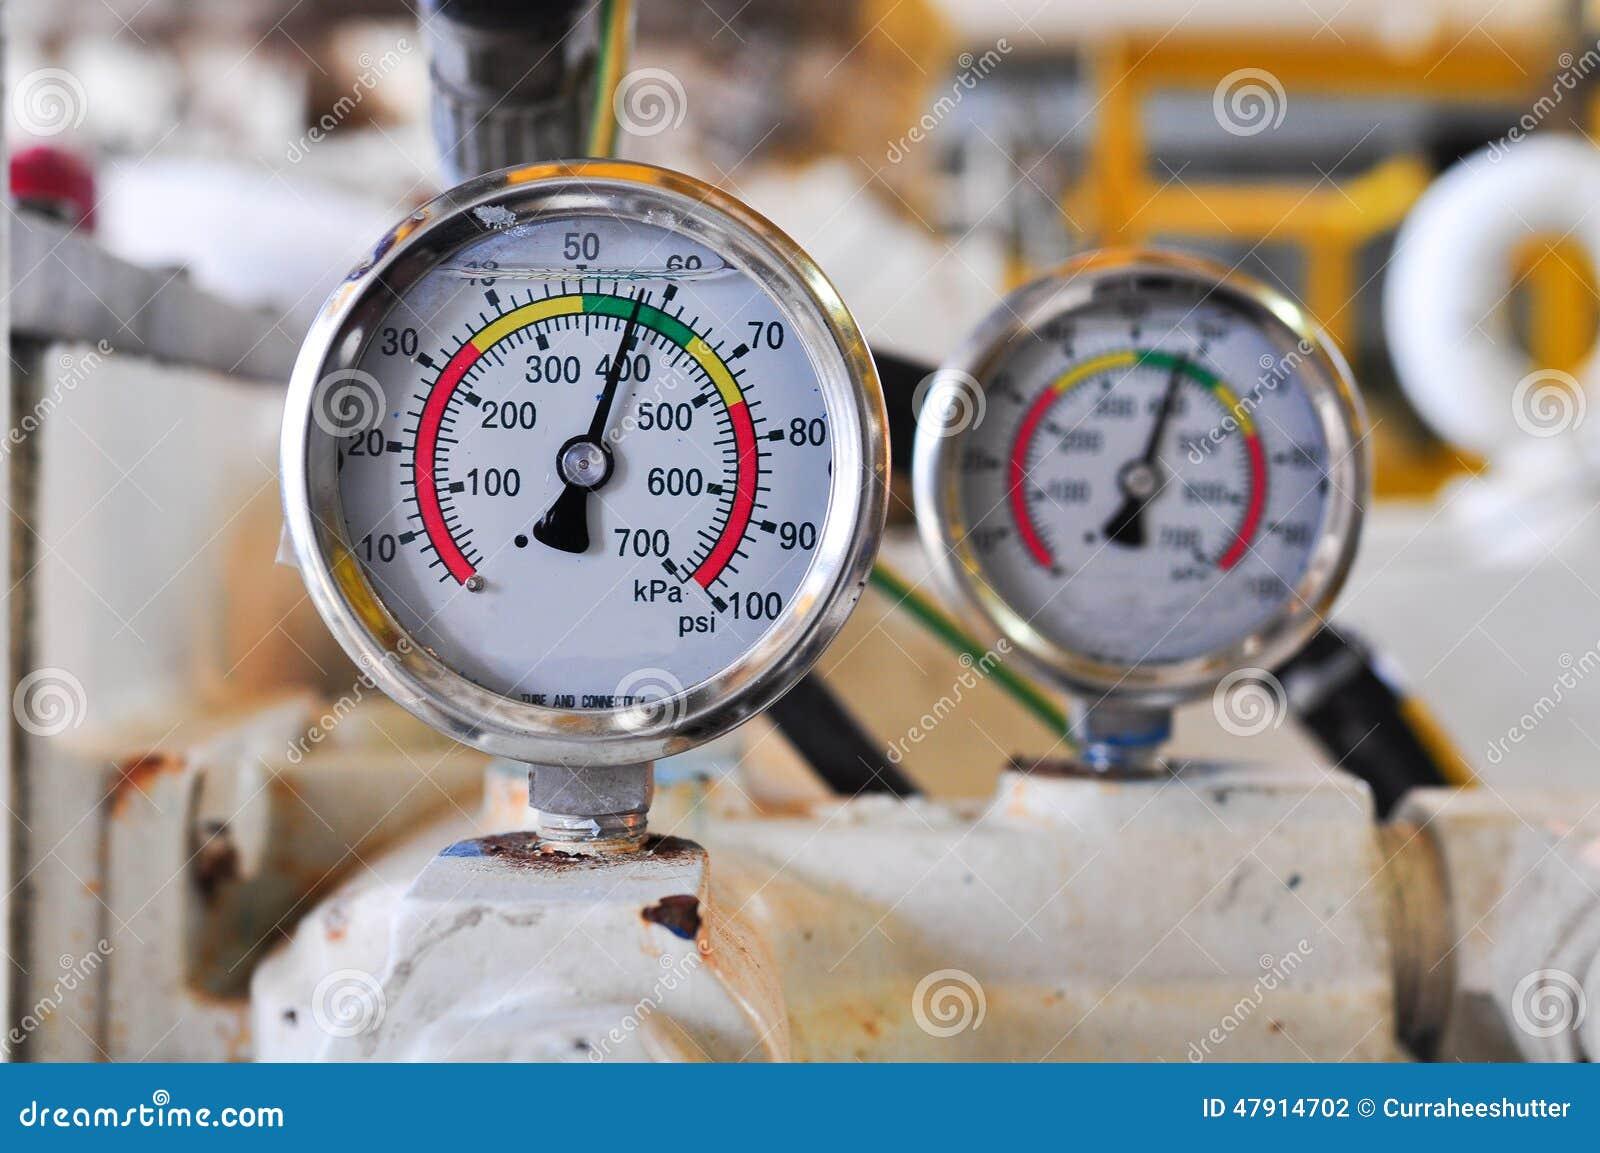 Drukmaat voor het meten van druk in het systeem,